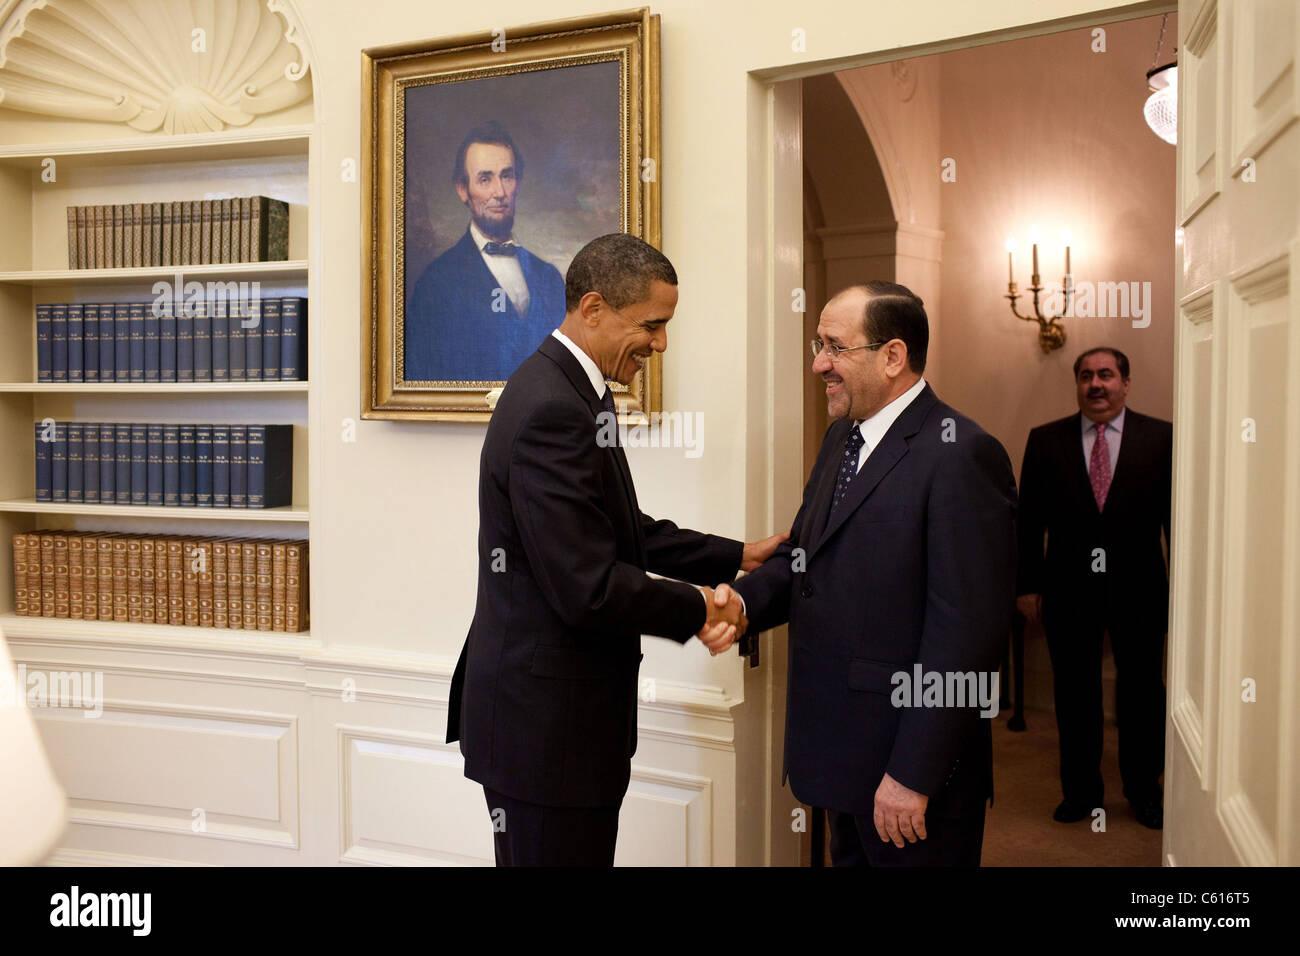 Präsident Obama grüßt der irakische Ministerpräsident Maliki im Oval Office am 22. Juli 2009. Stockbild